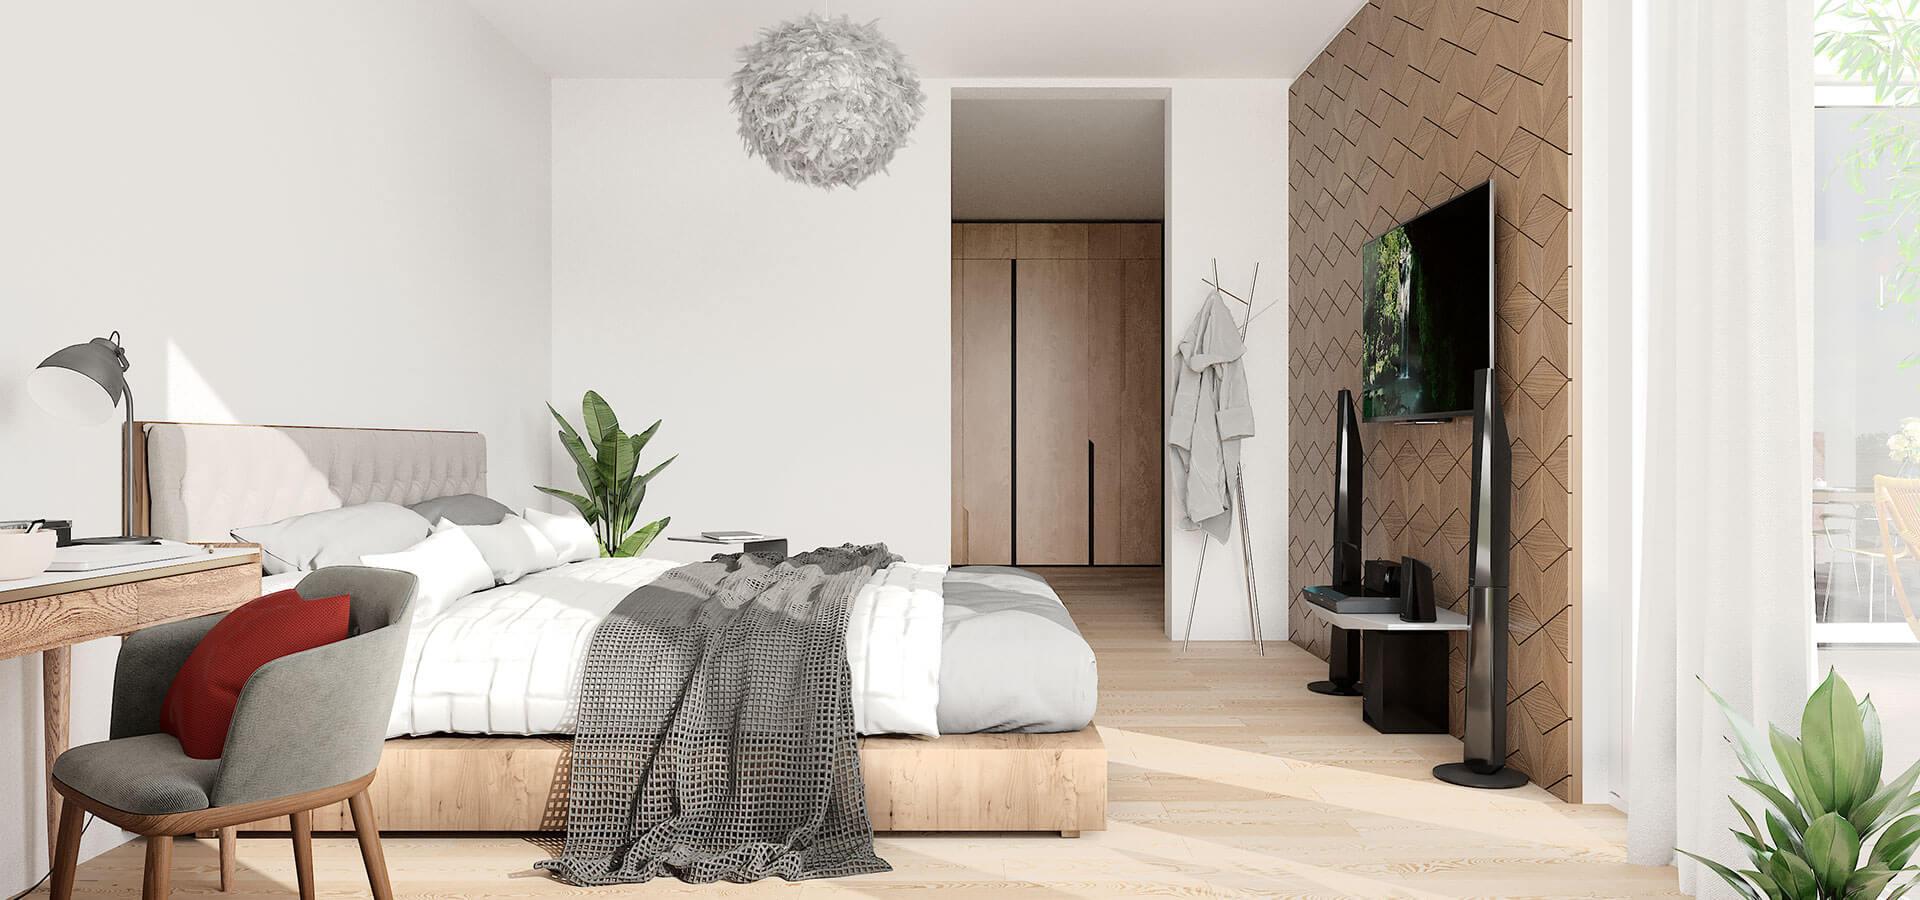 Beispielansicht Schlafzimmer | Frankenresidenz Entensee | Frankenresidenz